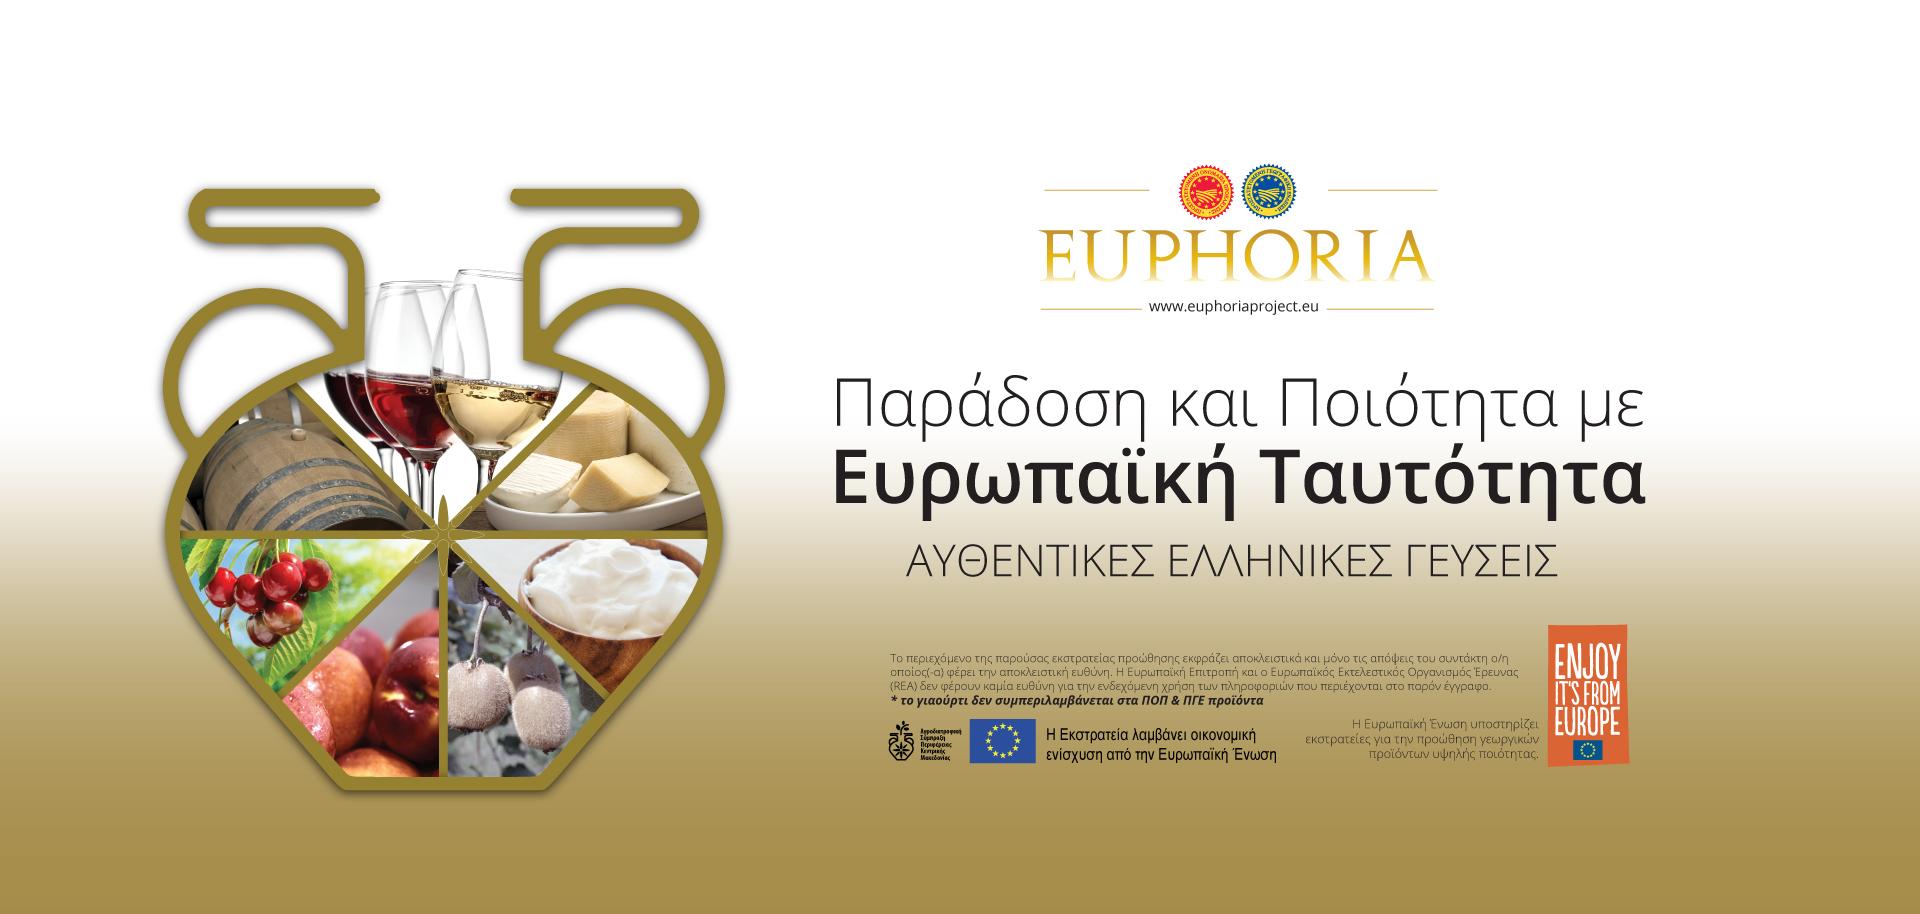 Παρουσίαση Έργου Euphoria – Ενίσχυση Ανταγωνιστικότητας Αγροτικών Προϊόντων